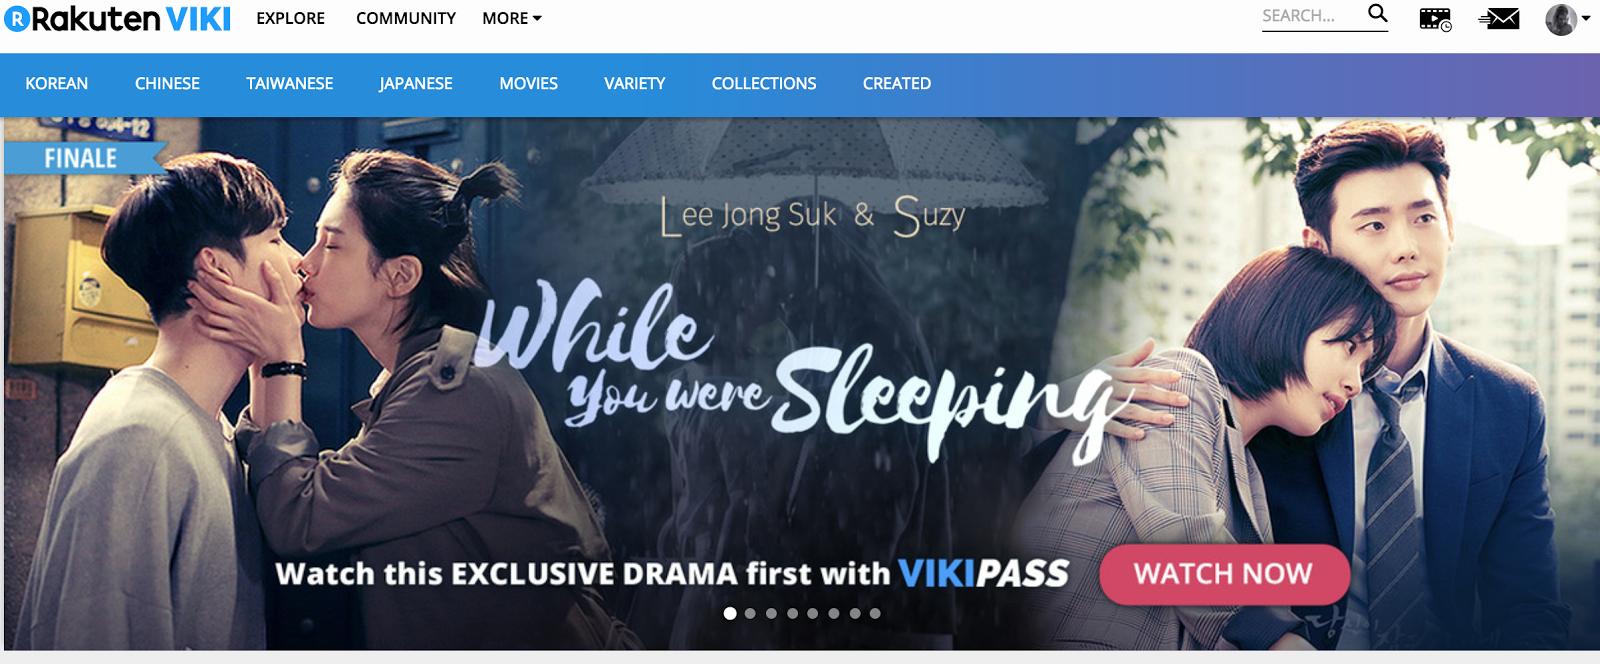 VIKI - The Place For Korean Entertainment | ANNA HELENE